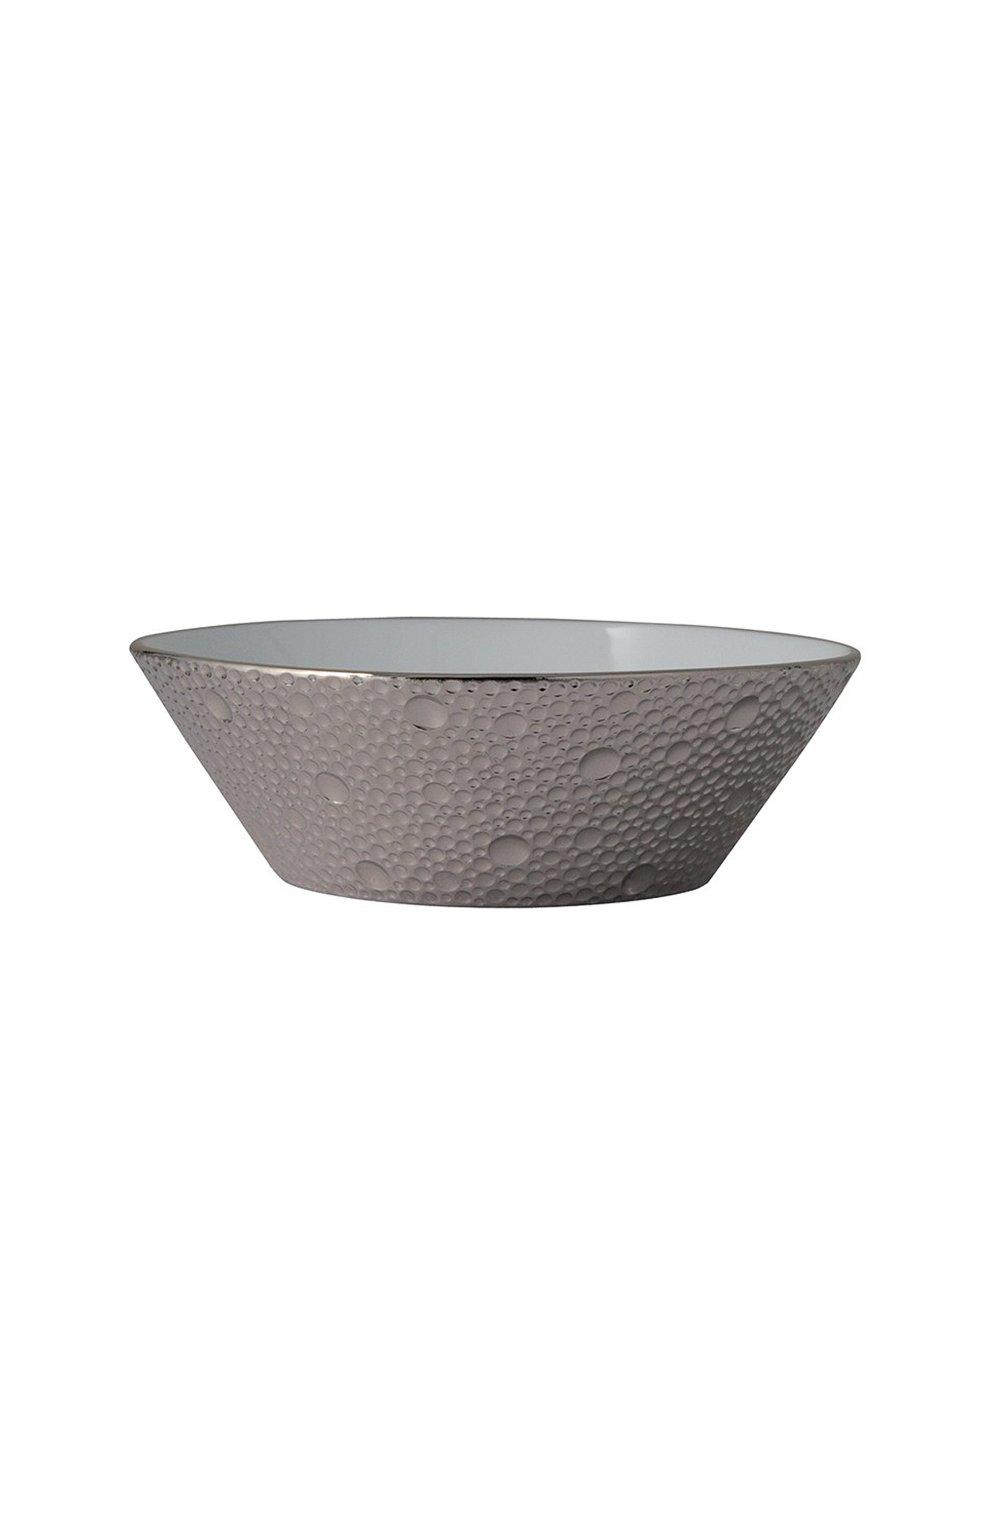 Мужского конфетница ecume silver BERNARDAUD серебряного цвета, арт. 0738/7188   Фото 1